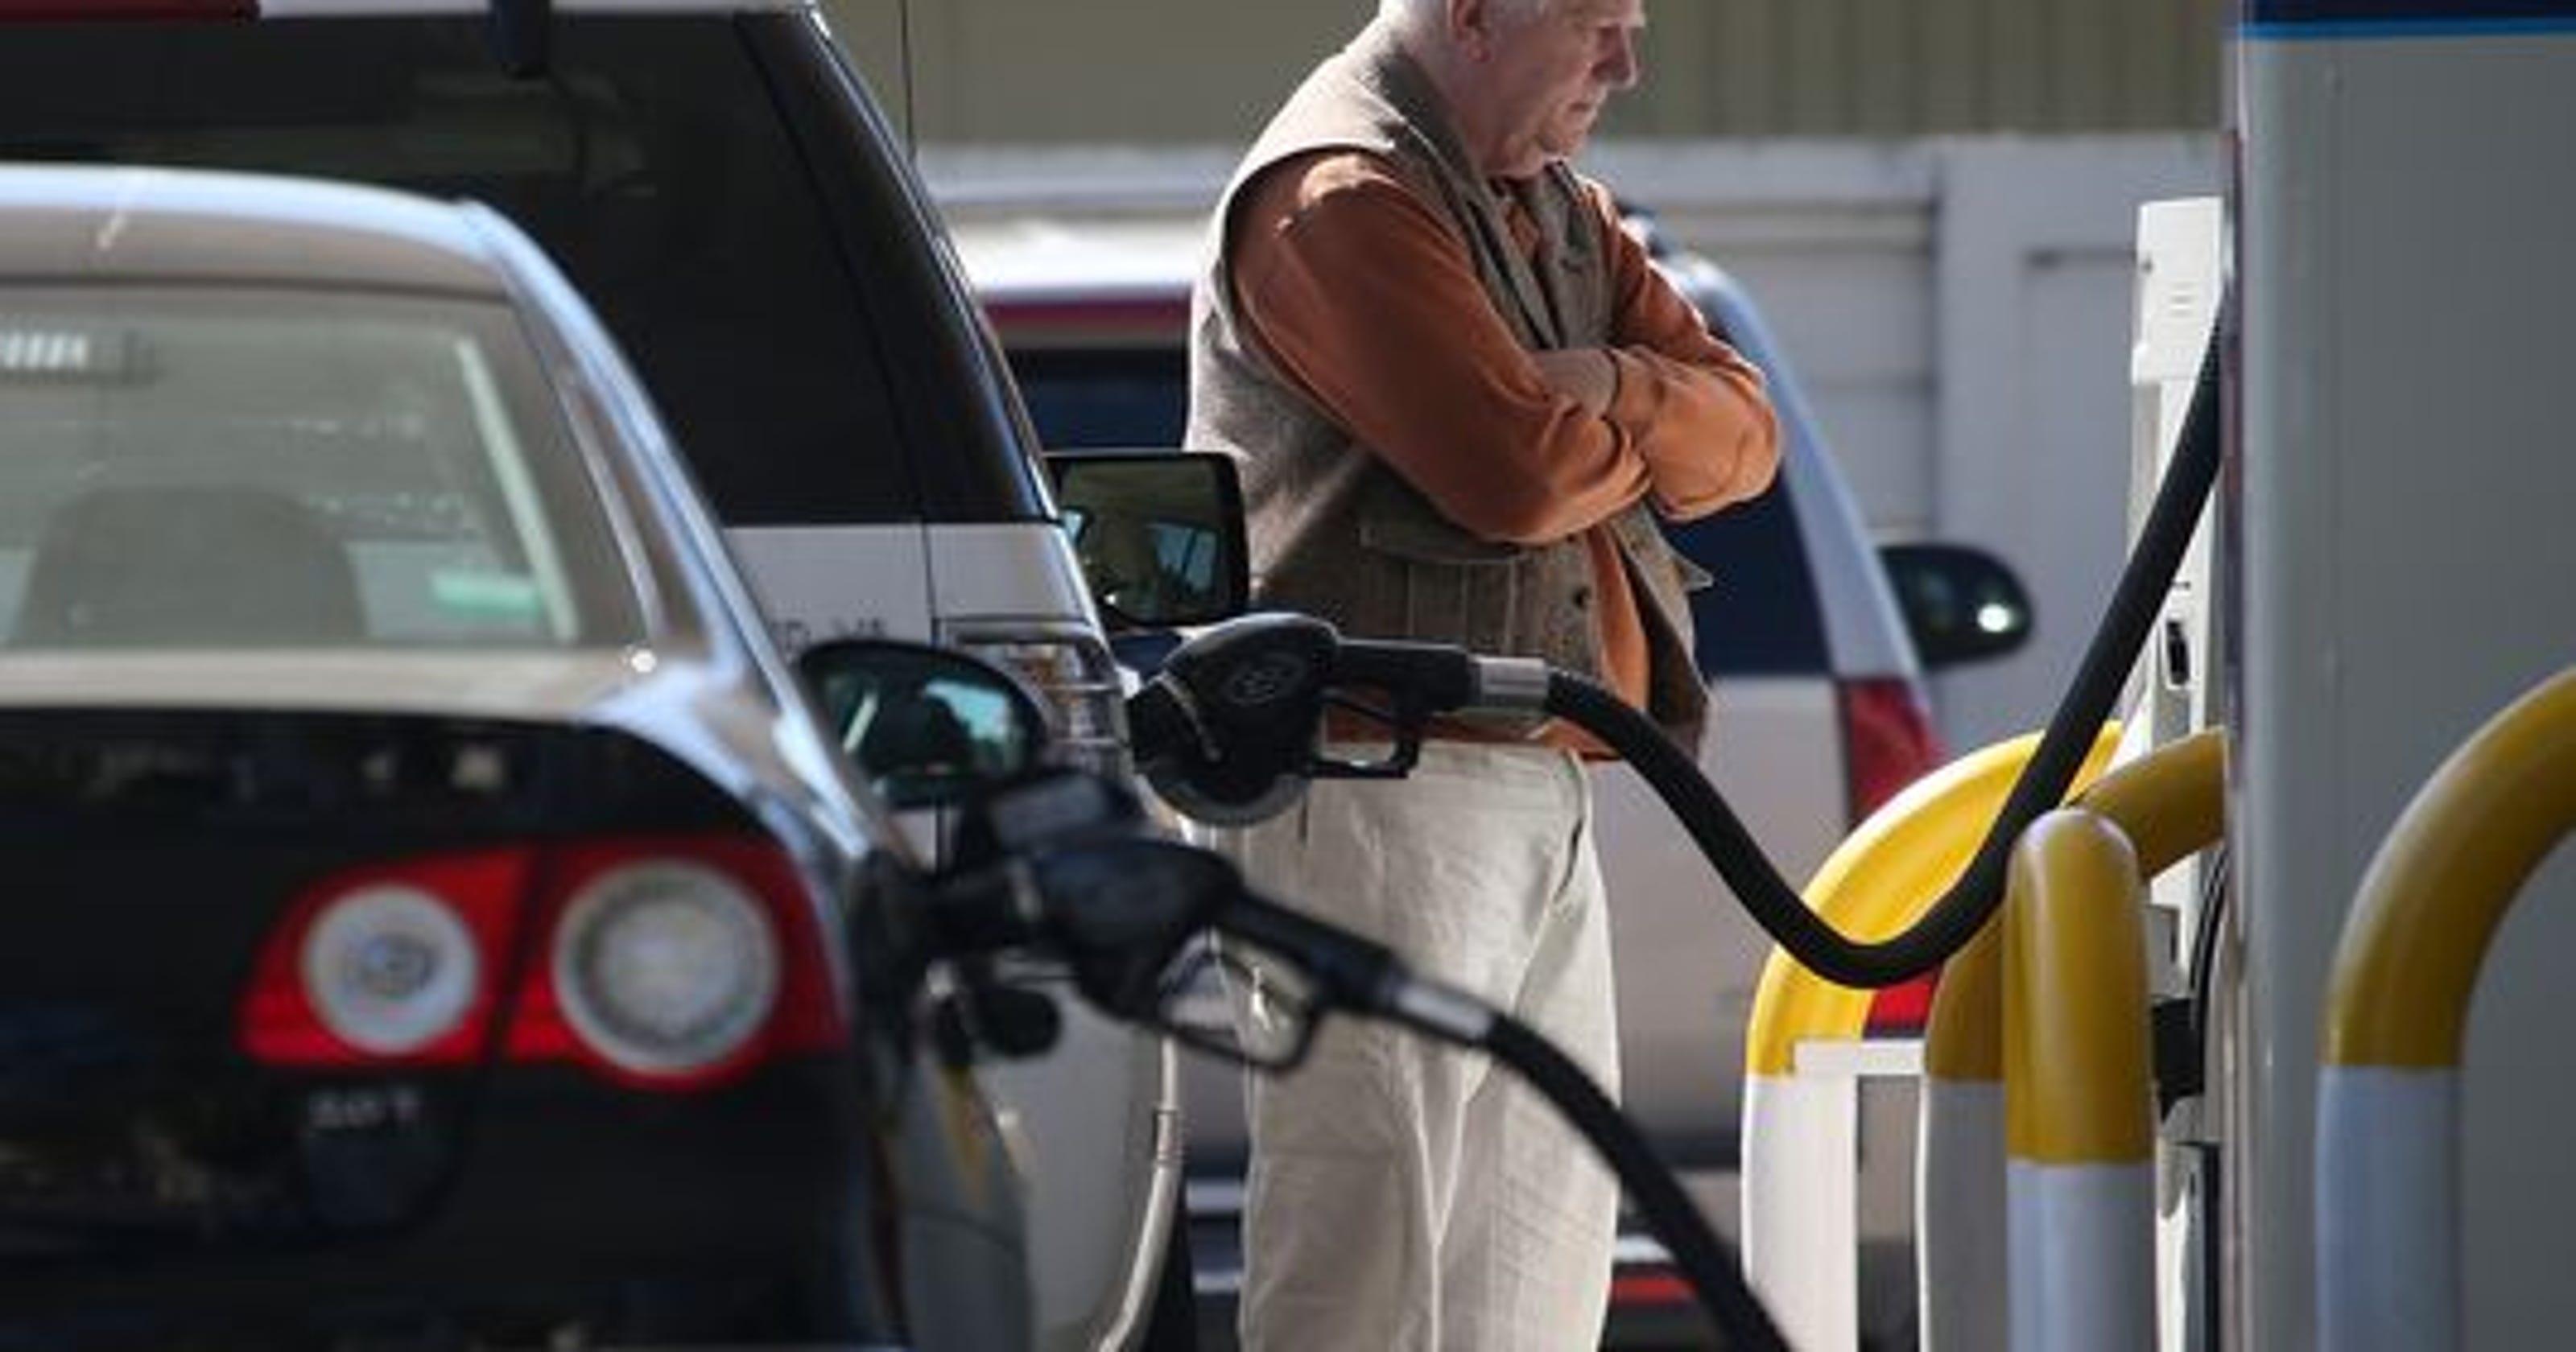 Tom Elias: Gas-gouging signs continue despite price dip